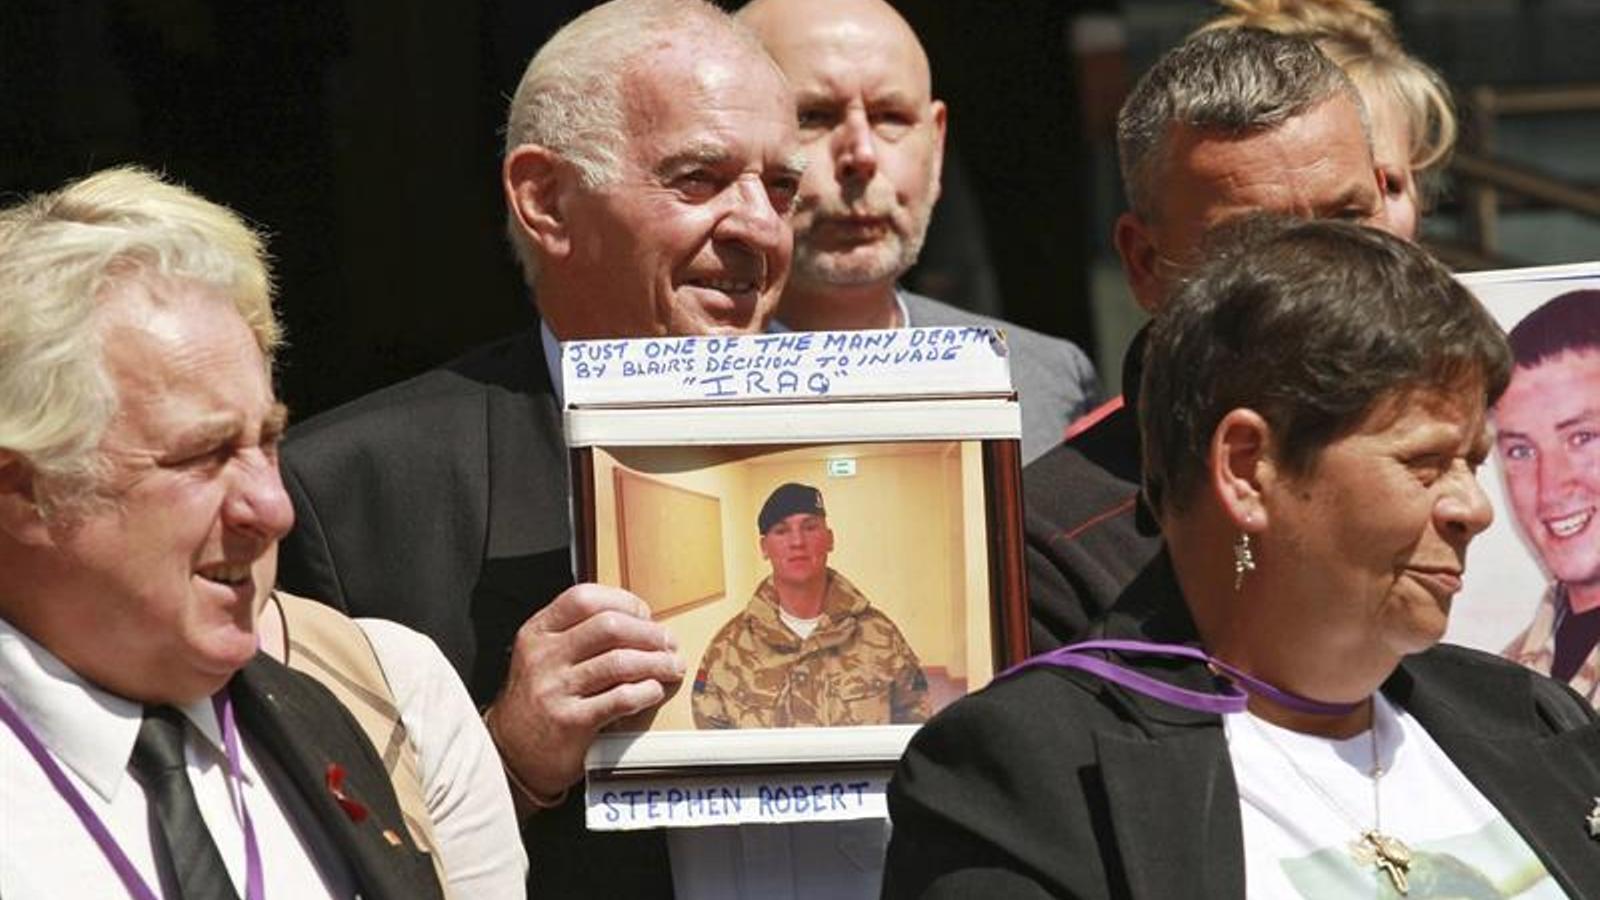 Familiars dels soldats britànics morts a l'Iraq mostren fotografies de les víctimes a les poetes on Chilcot ha presentat el seu informe. / SEAN DEMPSEY / EFE